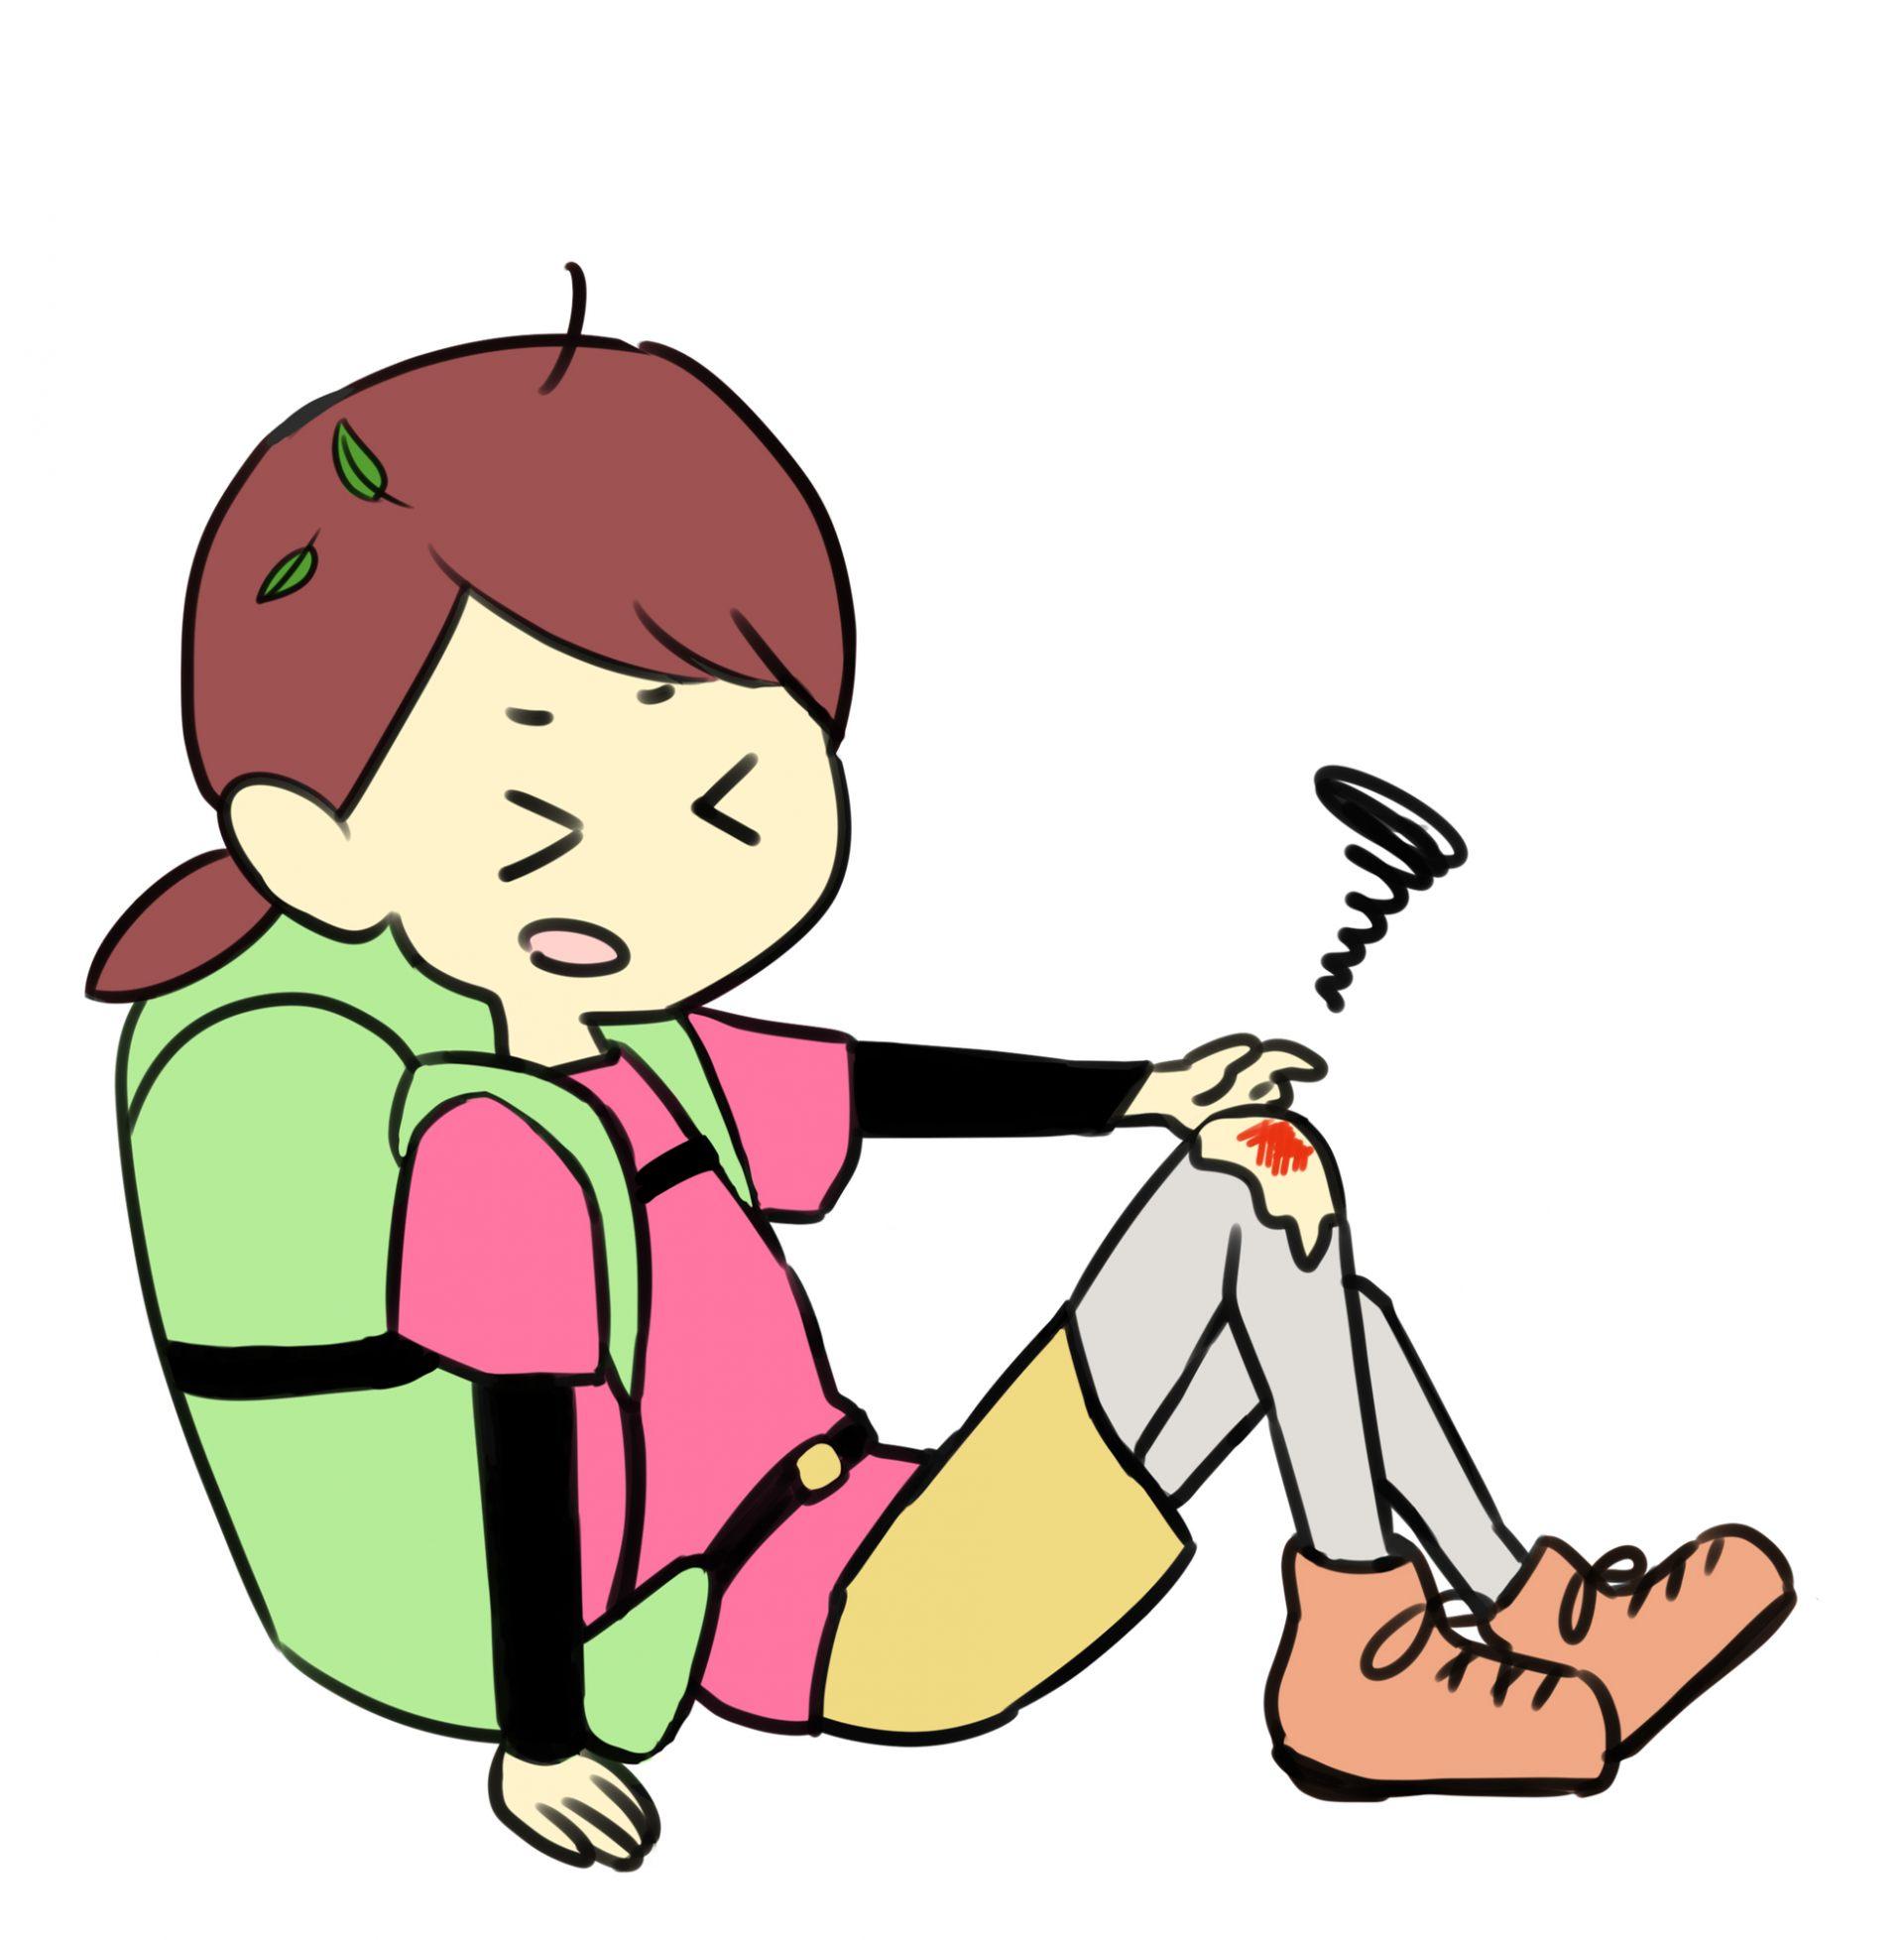 跌倒等状况下容易造成轻度的刮伤、擦伤